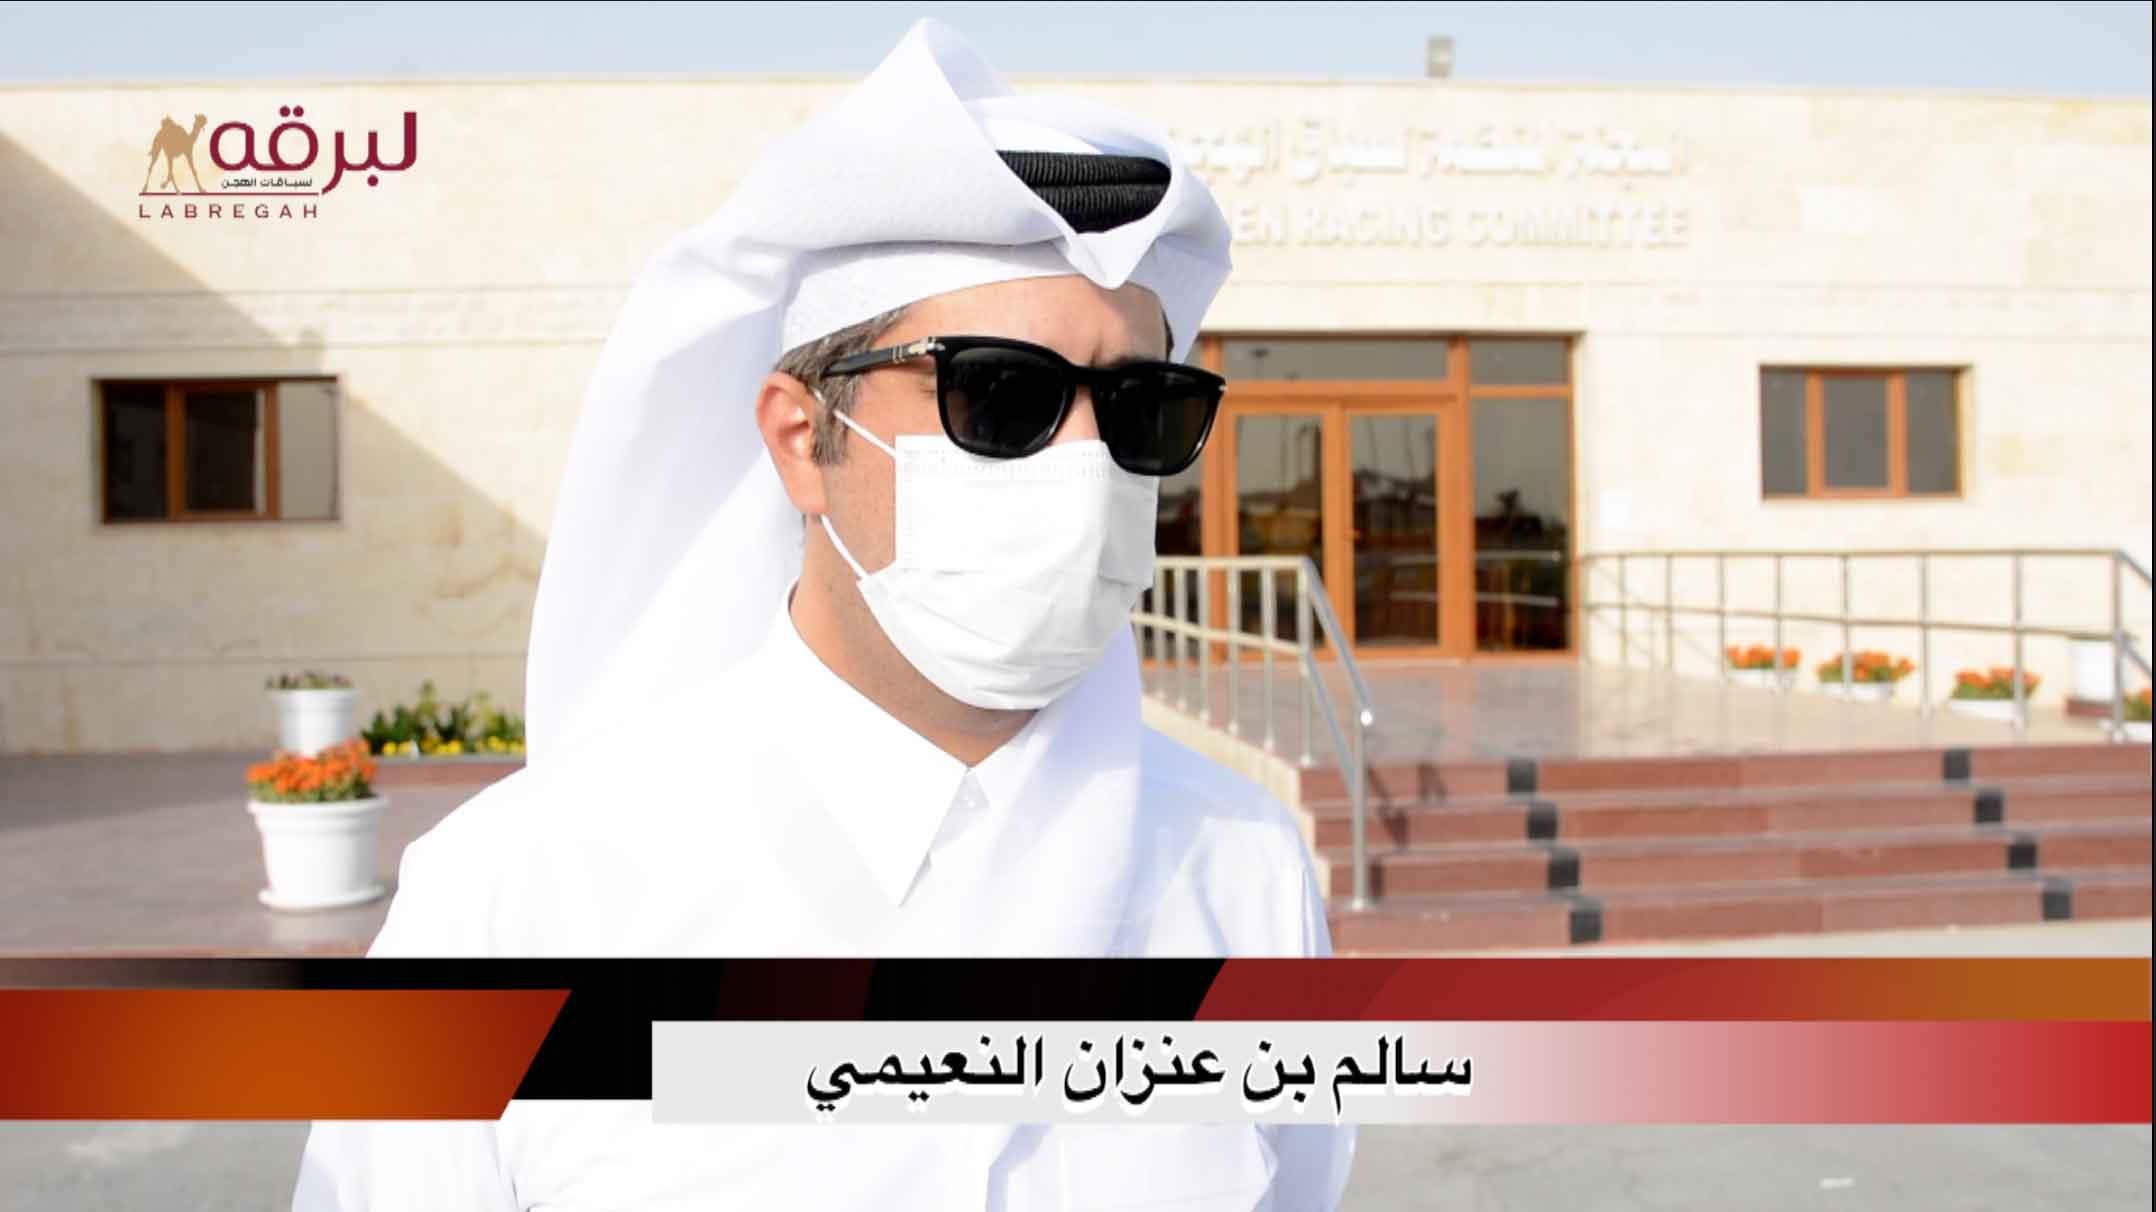 لقاء مع سالم بن عنزان النعيمي.. الخنجر الفضي جذاع قعدان «عمانيات» الأشواط العامة ٢٤-٣-٢٠٢١